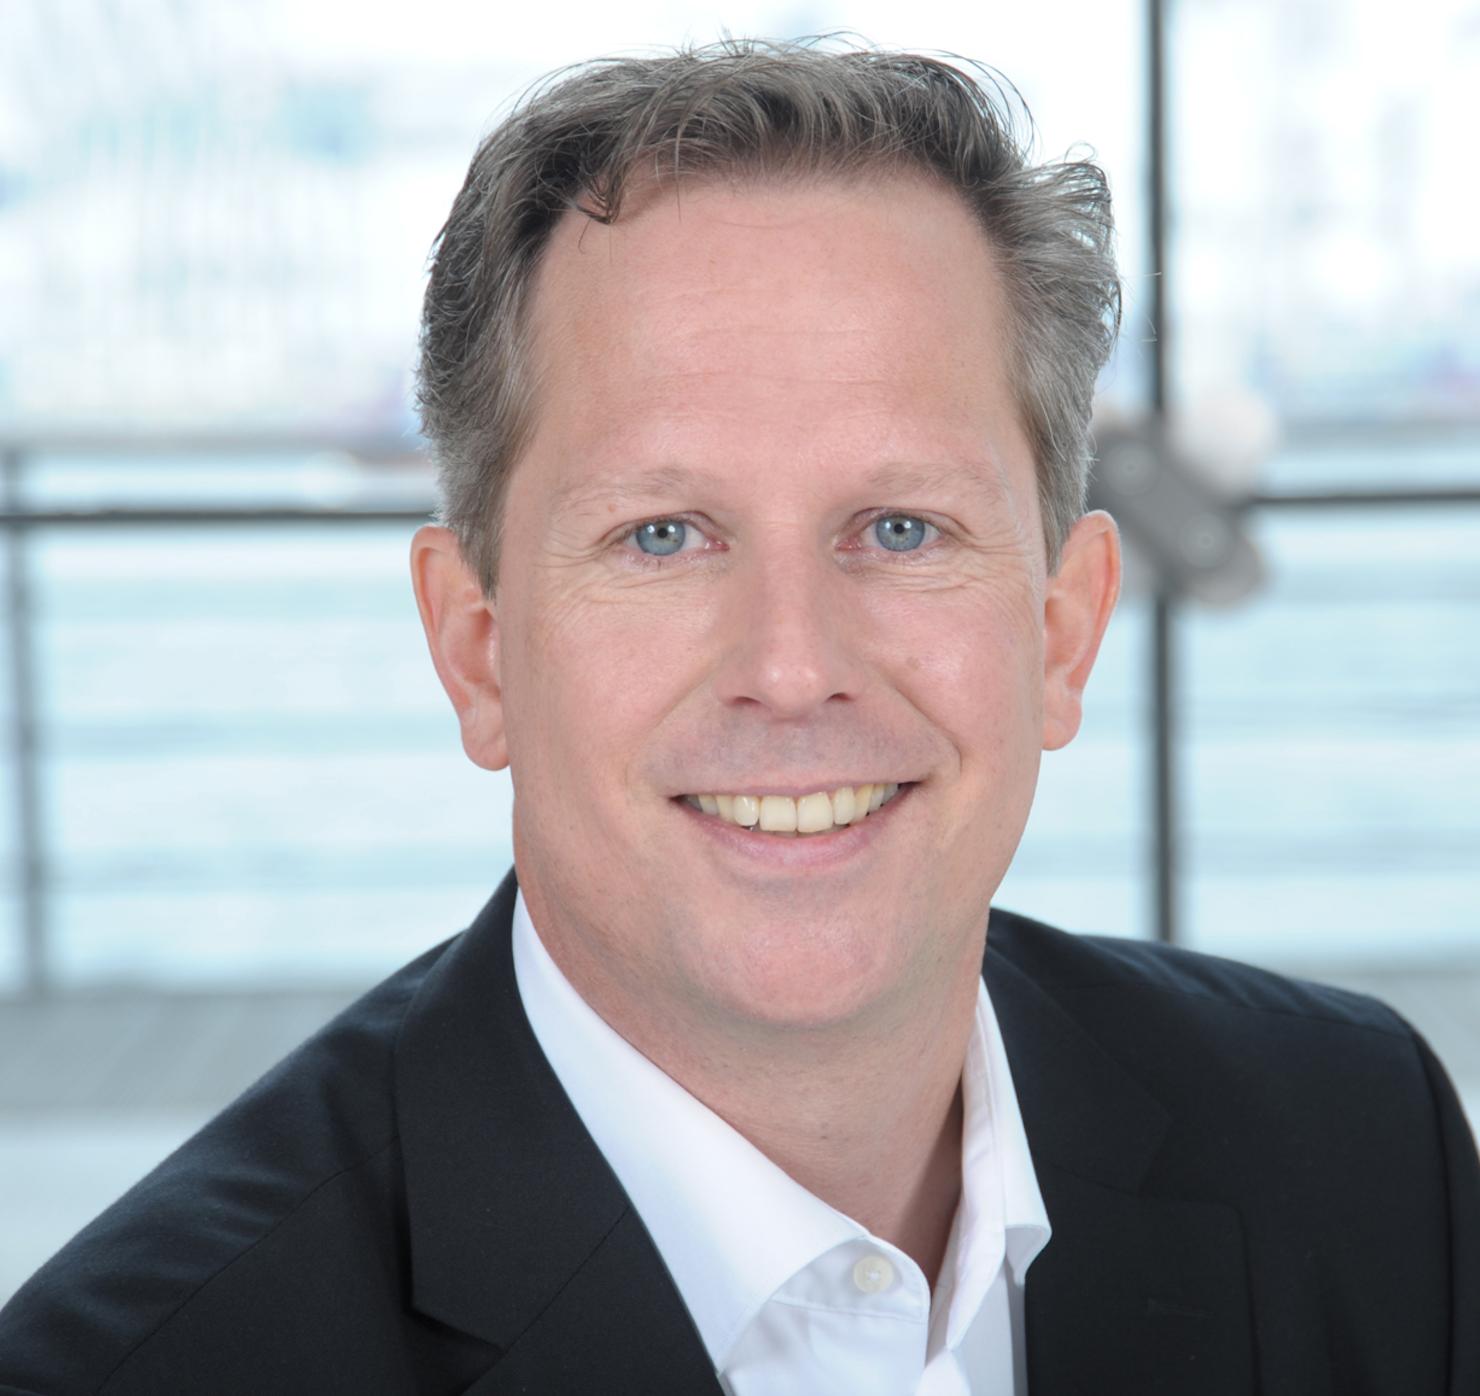 Gerrit ist nicht nur Gründer und Marketing-Verantwortlicher von Expandeers sondern entwickelt zudem internationale Markteintrittsstrategien